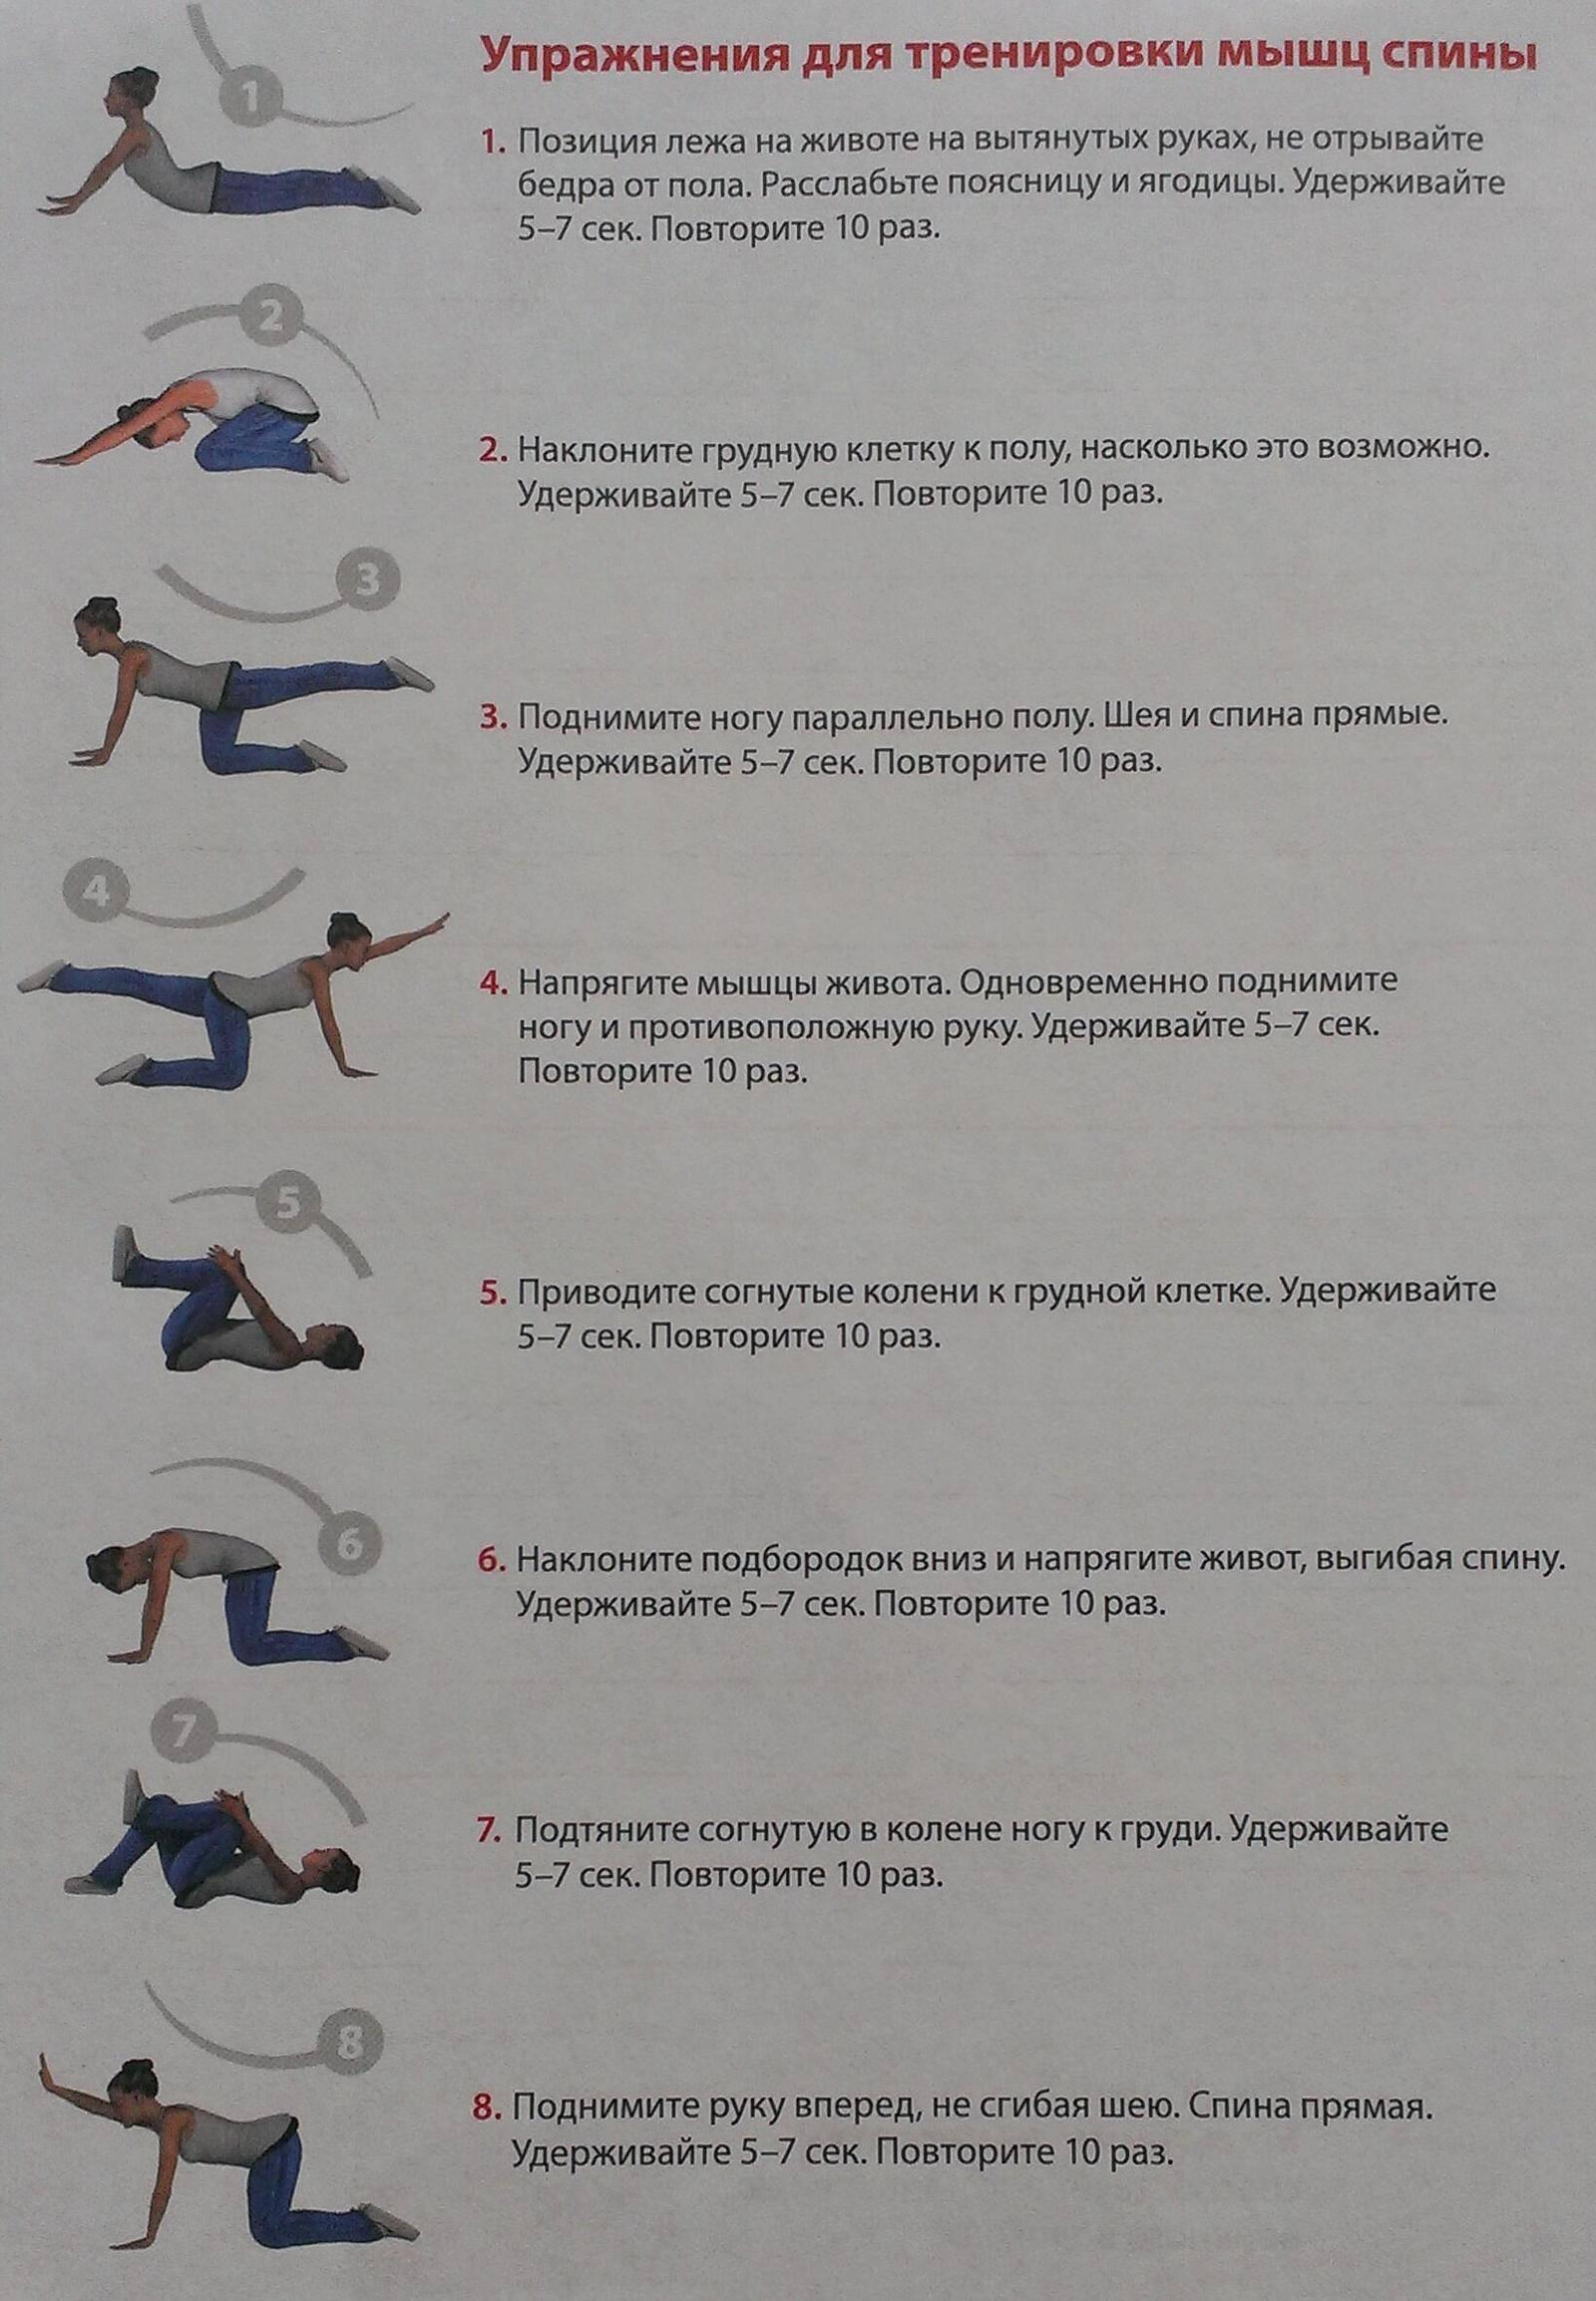 Зарядка для укрепления мышц спины и позвоночника: комплекс упражнений